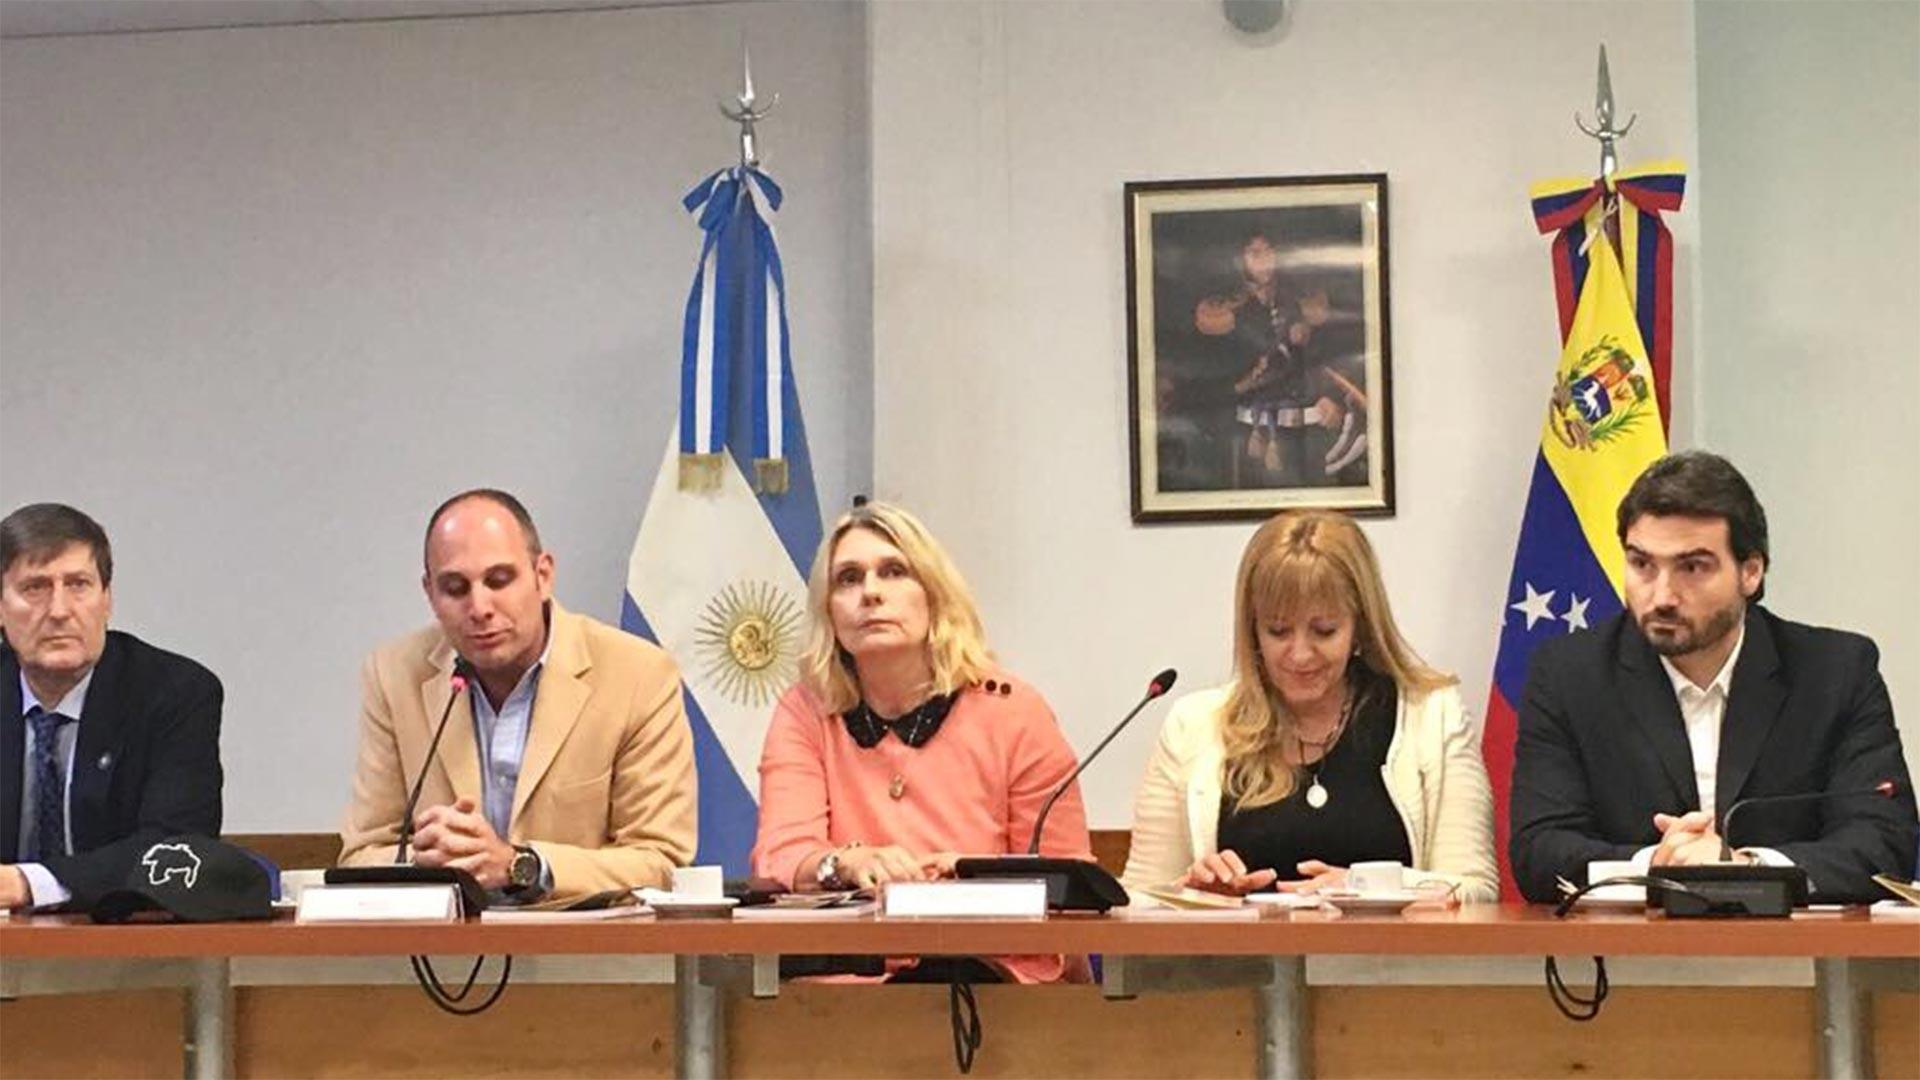 En el medio, Cornelia Schmidt-Liermann y a su derecha Silvio Klein